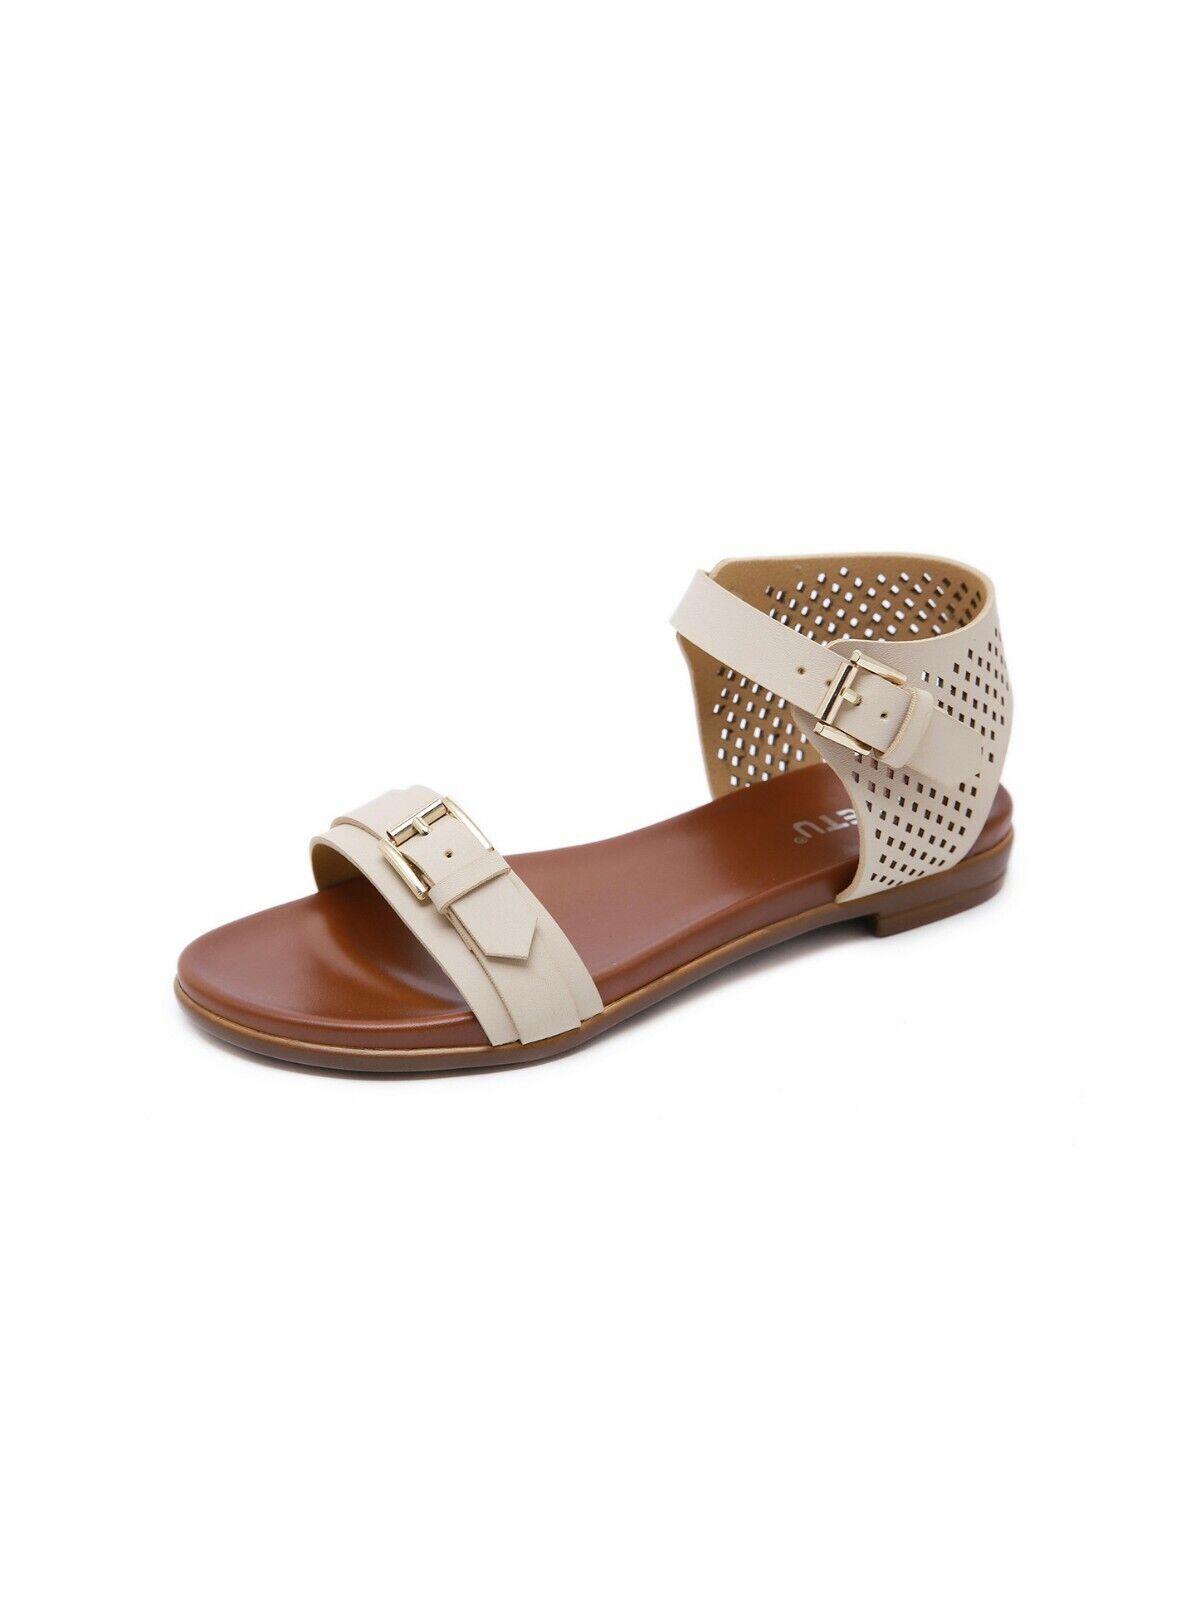 Sandales Élégantes Sabot Cuir Synthétique marron Beige Boho Bohemian cw234